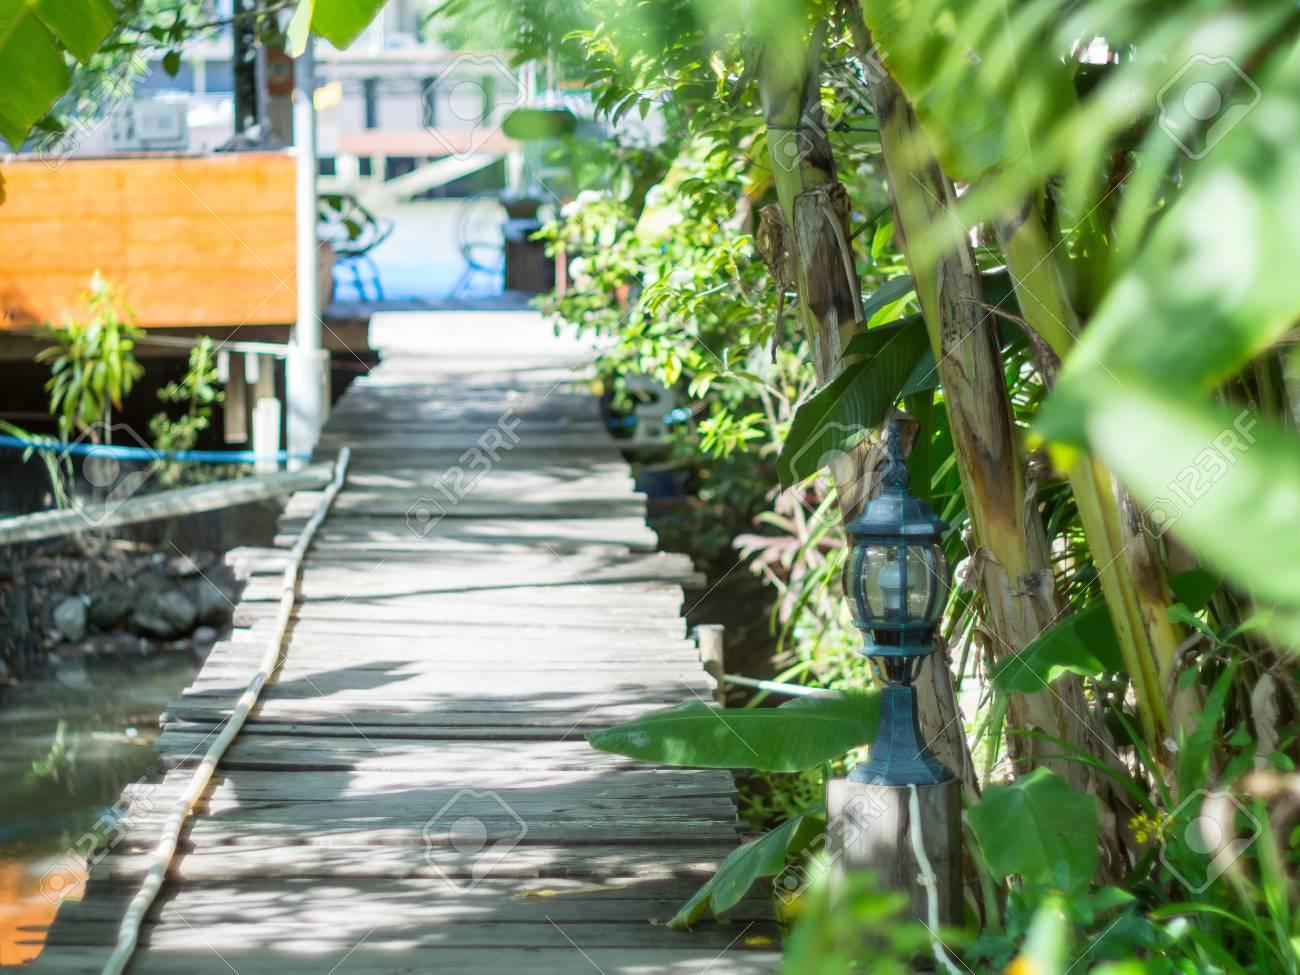 Holzbrücke Im Garten Mit Gartengenuss Ist Die Ultimative